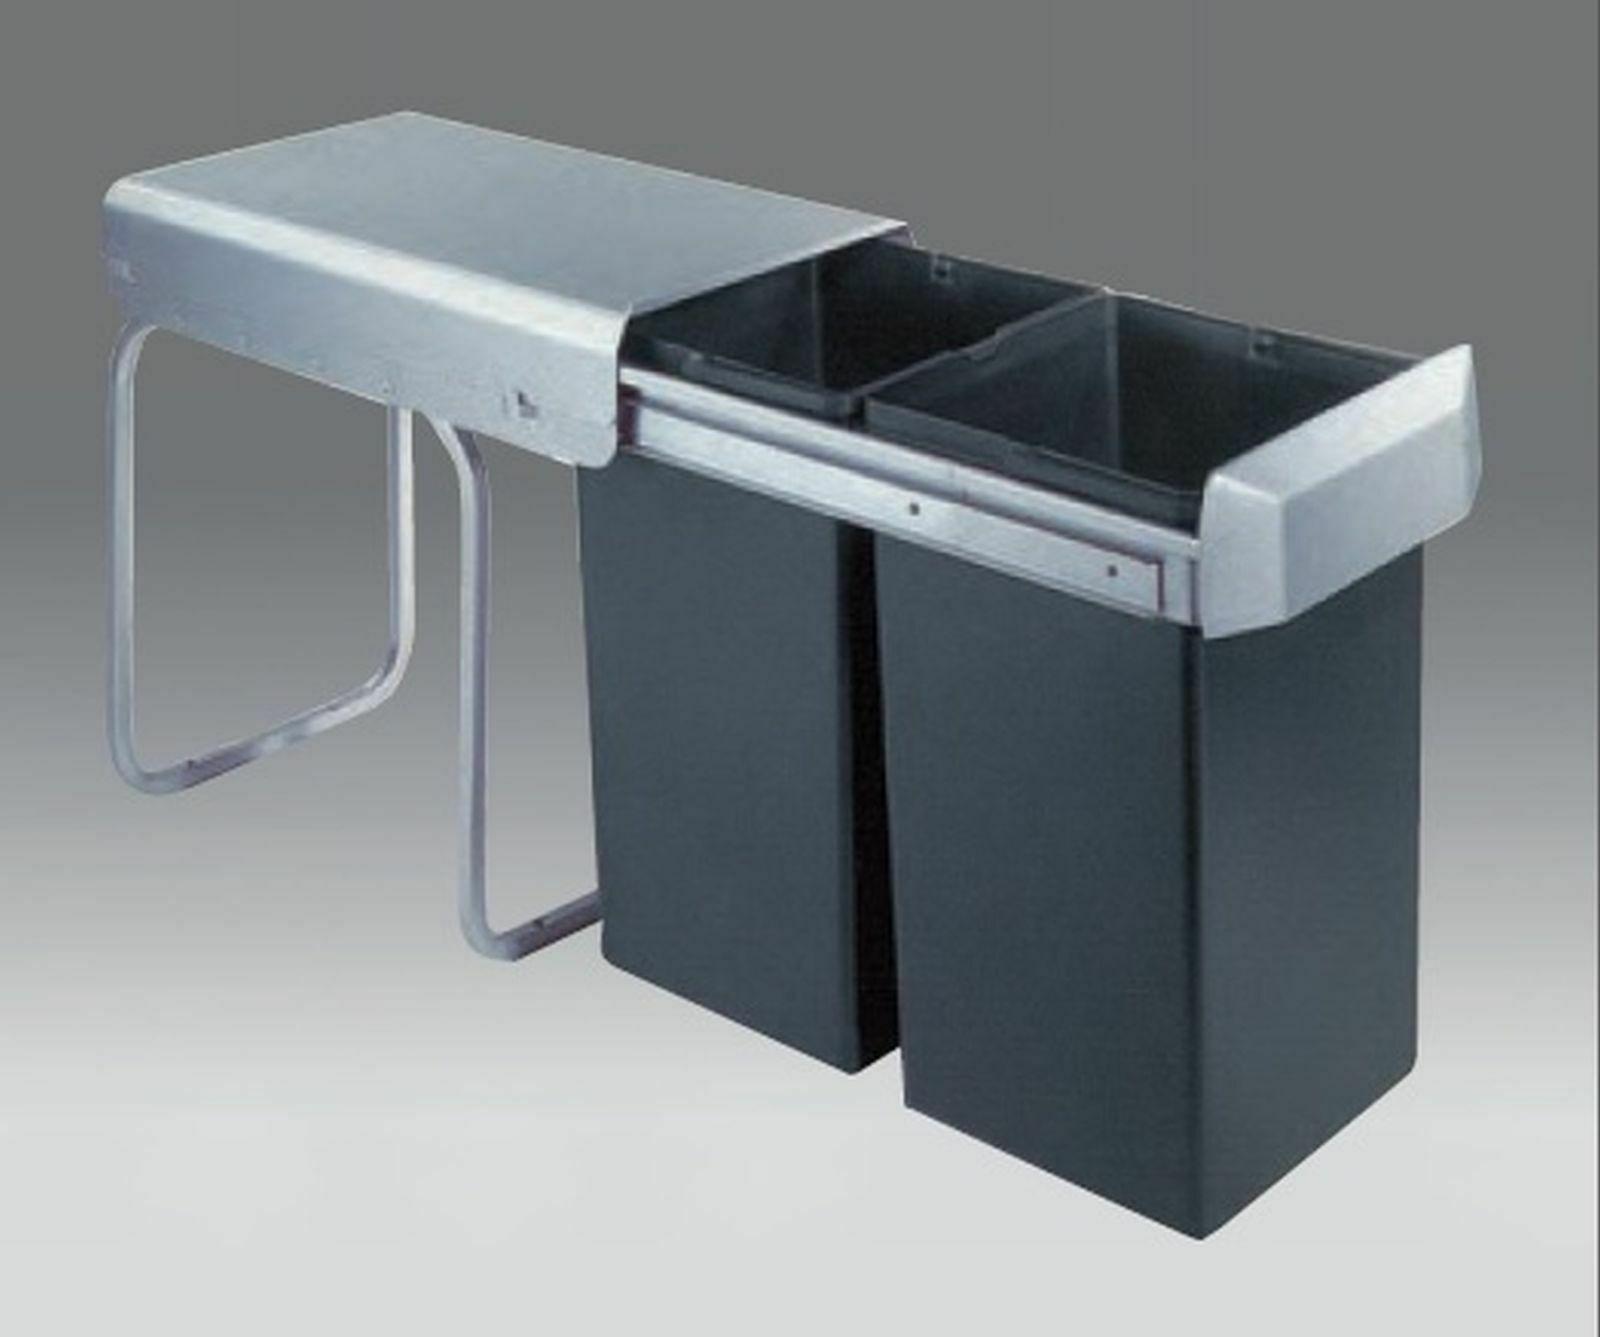 Mülleimer Küche 2x15 Wesco Mülltrennung Küchenschrank ab 30 cm Müllsystem  *40335